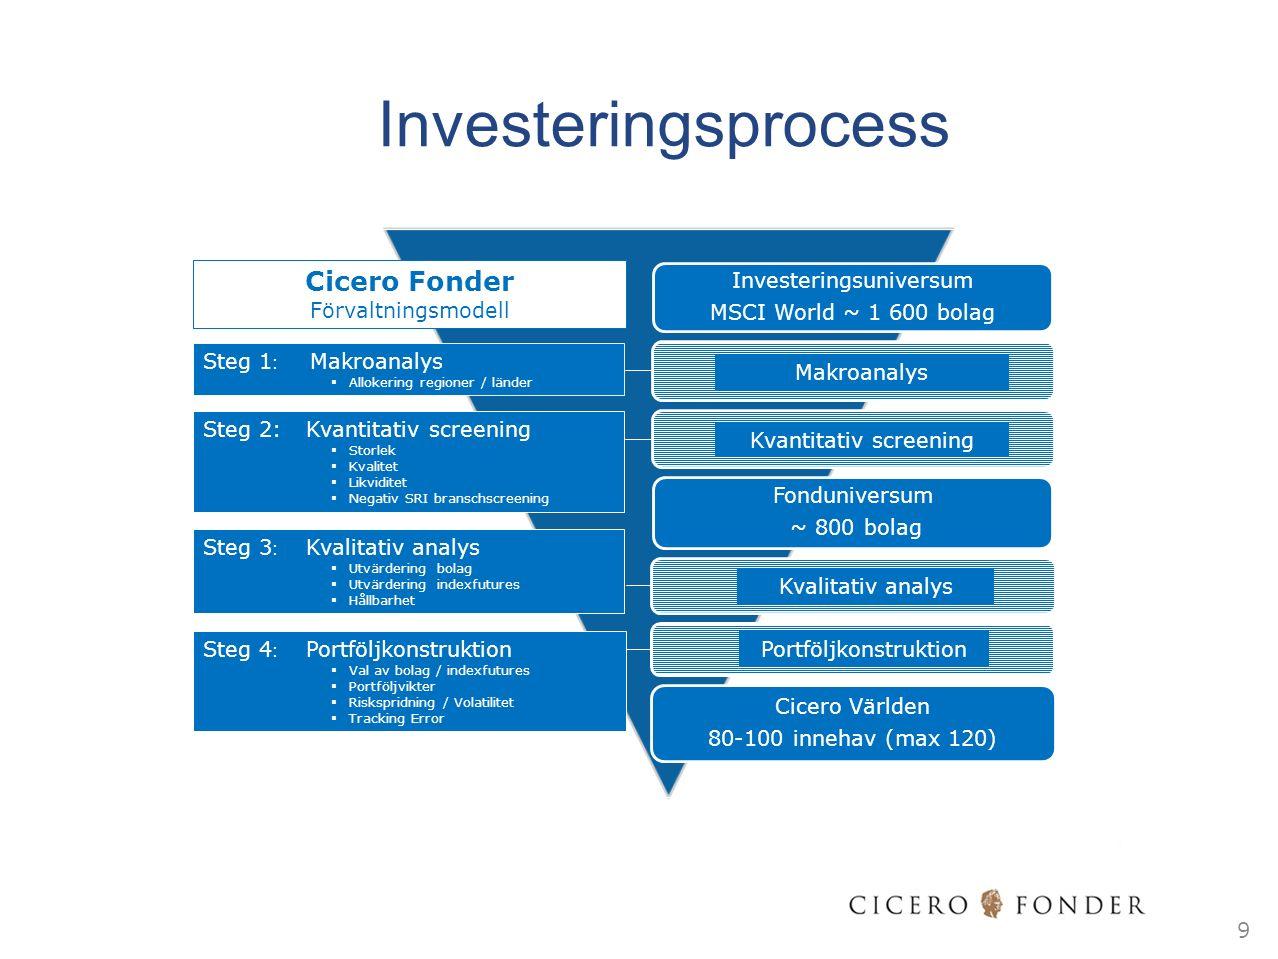 Investeringsprocess Investeringsuniversum OMXPRI ~ 250 bolag Investeringsuniversum MSCI World ~ 1 600 bolag Text Fonduniversum ~ 800 bolag Cicero Värl